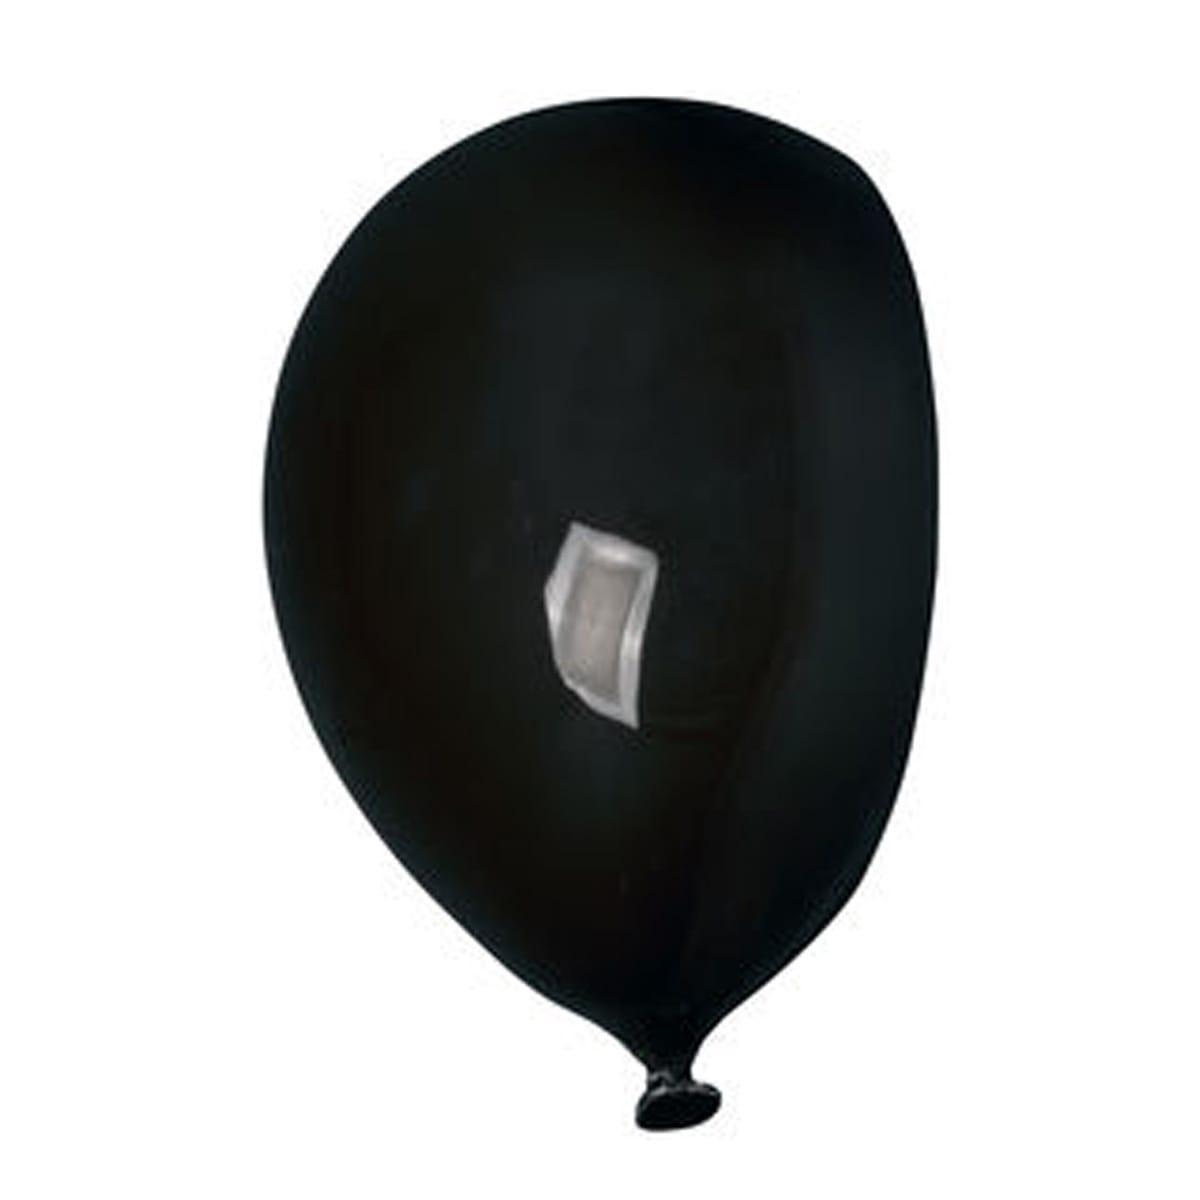 Umidificatore per radiatore in ceramica a forma di palloncino, collezione Balloon, colore nero